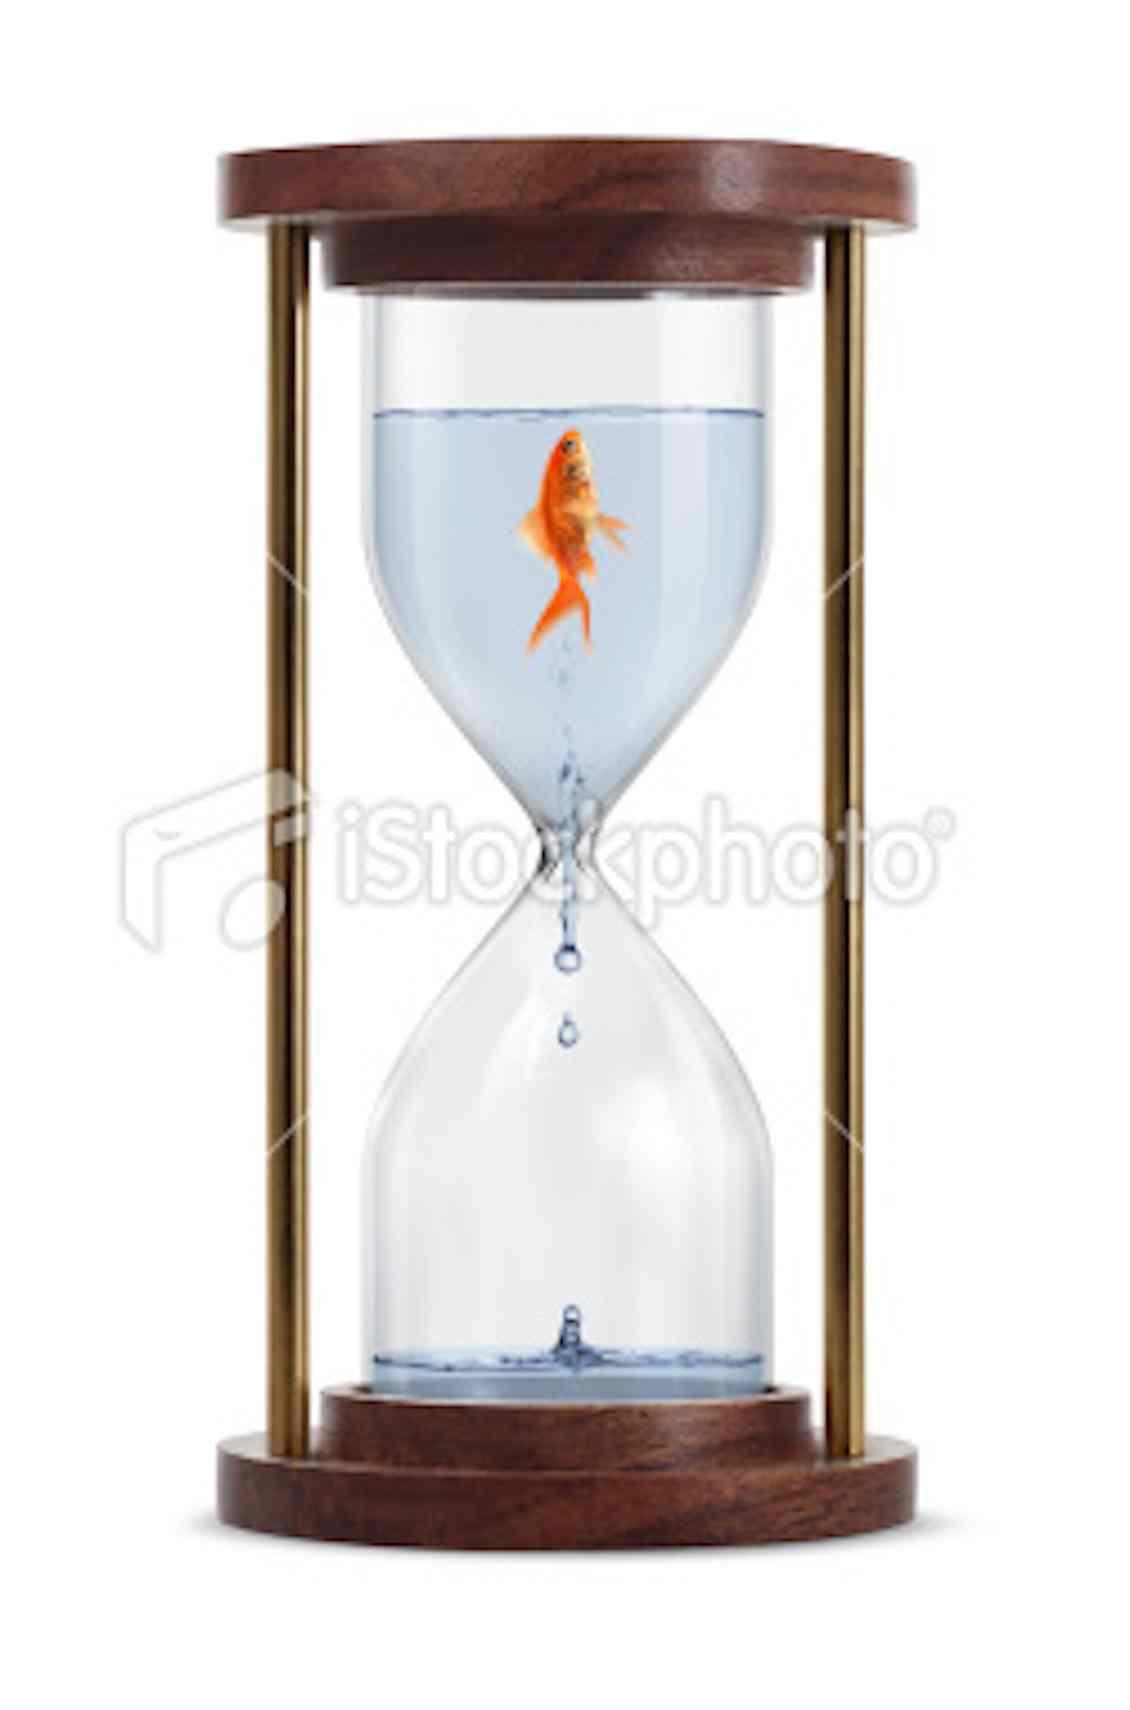 stock-photo-20078299-goldfish-in-hourglass